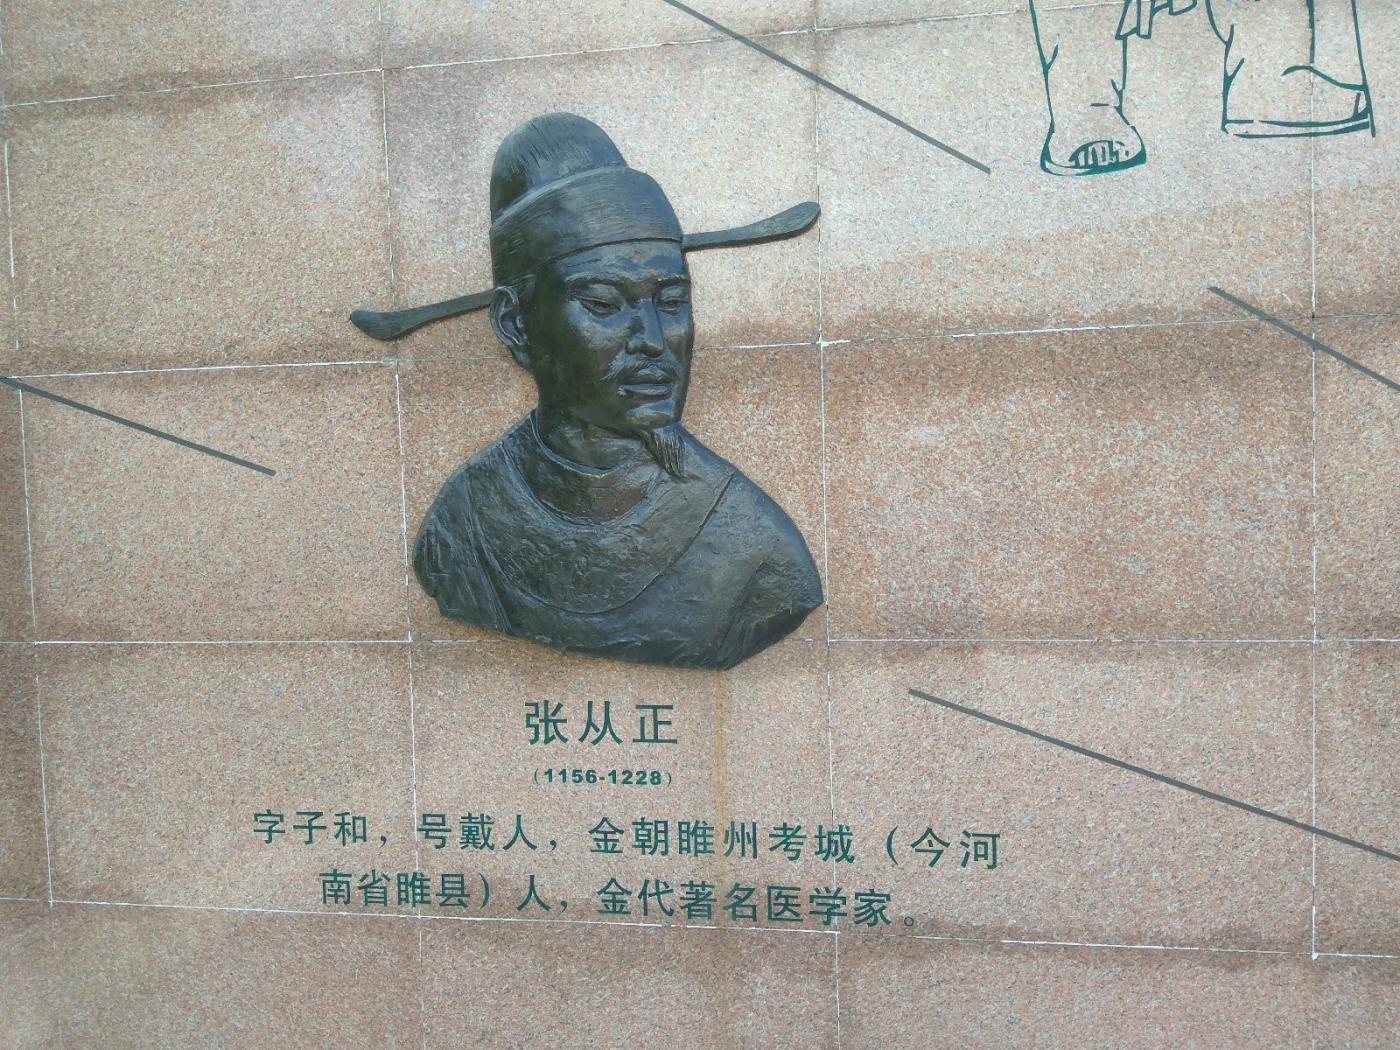 群雕:中外医学大师(图)_图1-9